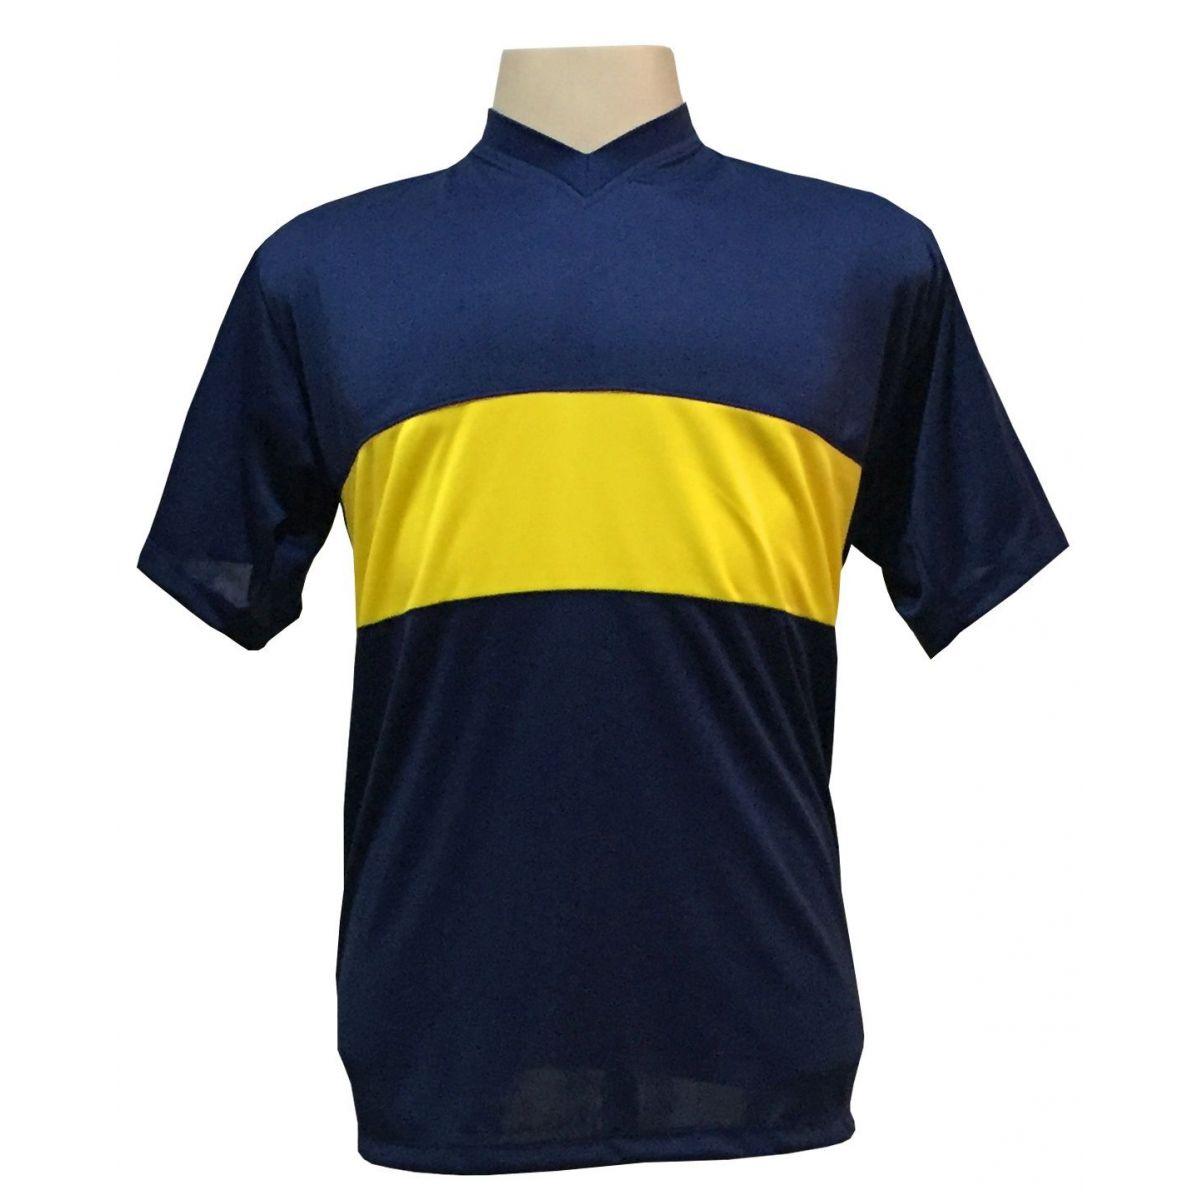 Jogo de Camisa com 14 unidades modelo Boca Juniors Marinho/Amarelo + 1 Goleiro + Brindes